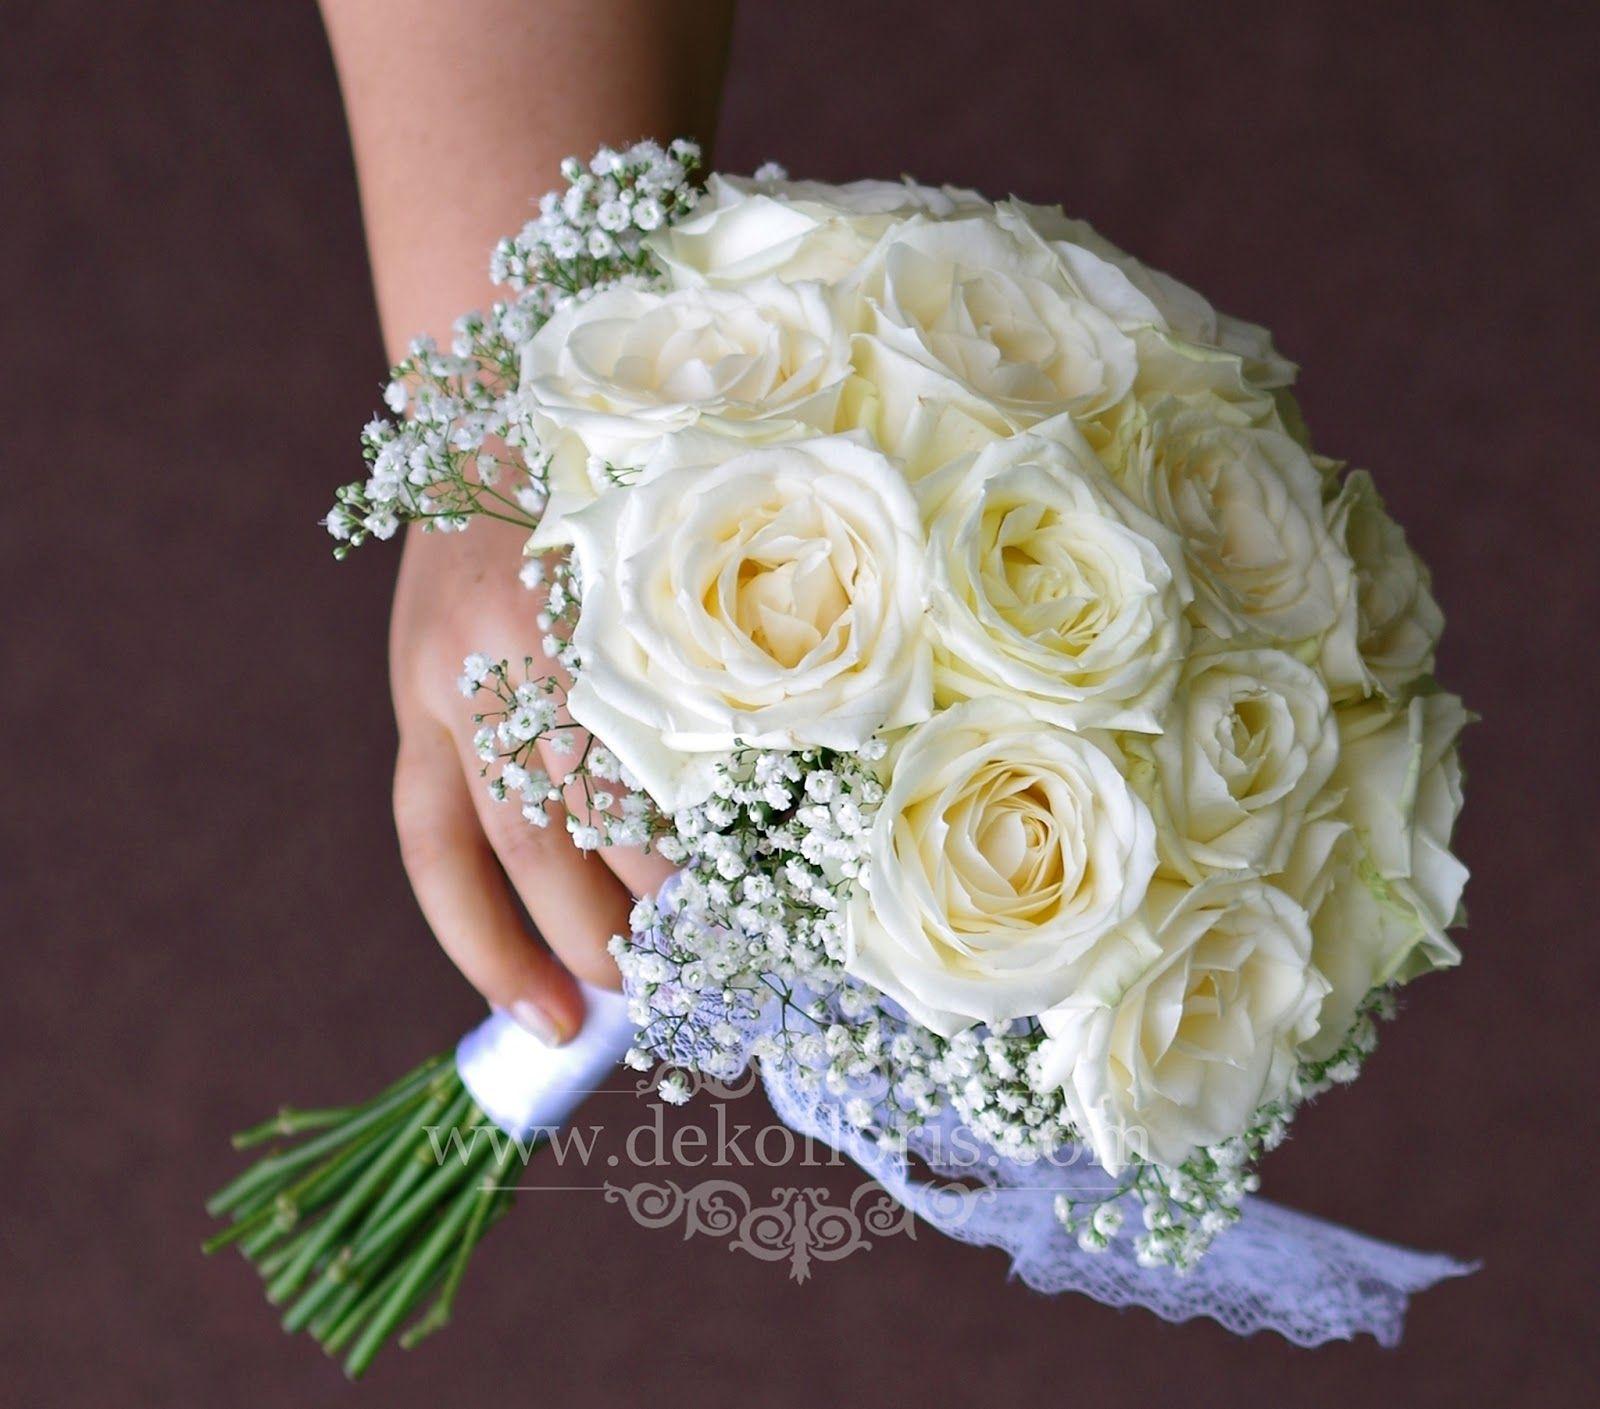 Bukiet Slubny Biale Roze I Gipsowka Opolskie Wedding Brautstrauss Whiteroses Www Dekofloris Com Wedding Flower Girl Dresses Wedding Dresses